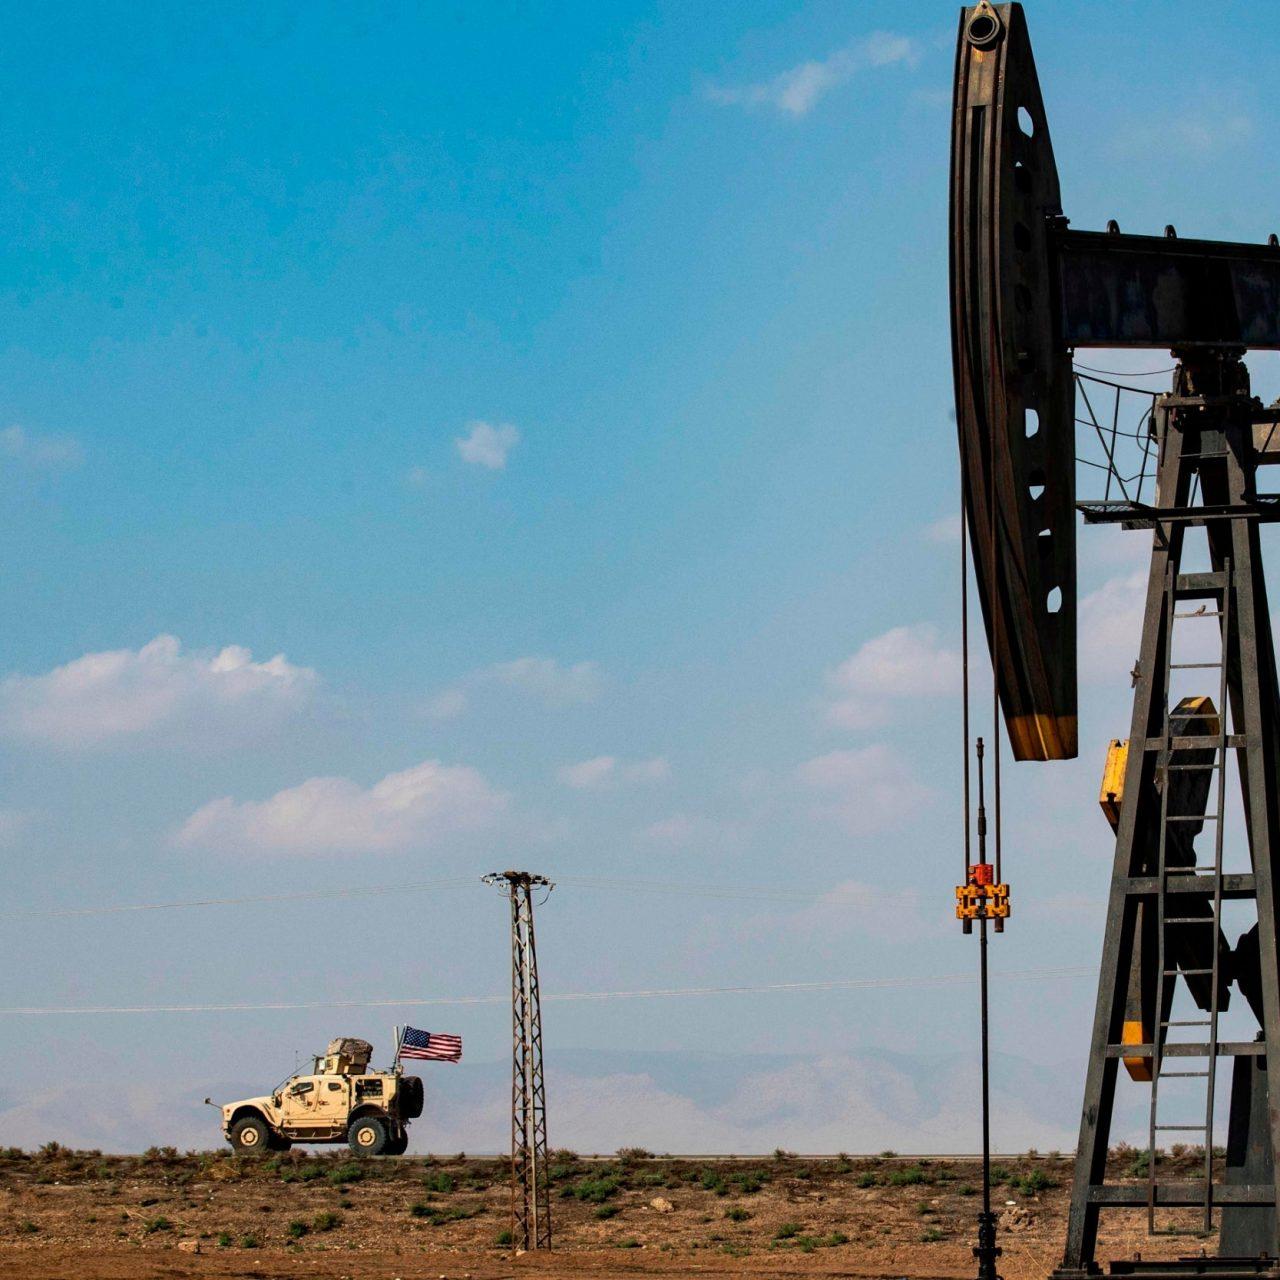 Suriye'deki savaşın perde arkasındaki petrol pazarlıkları